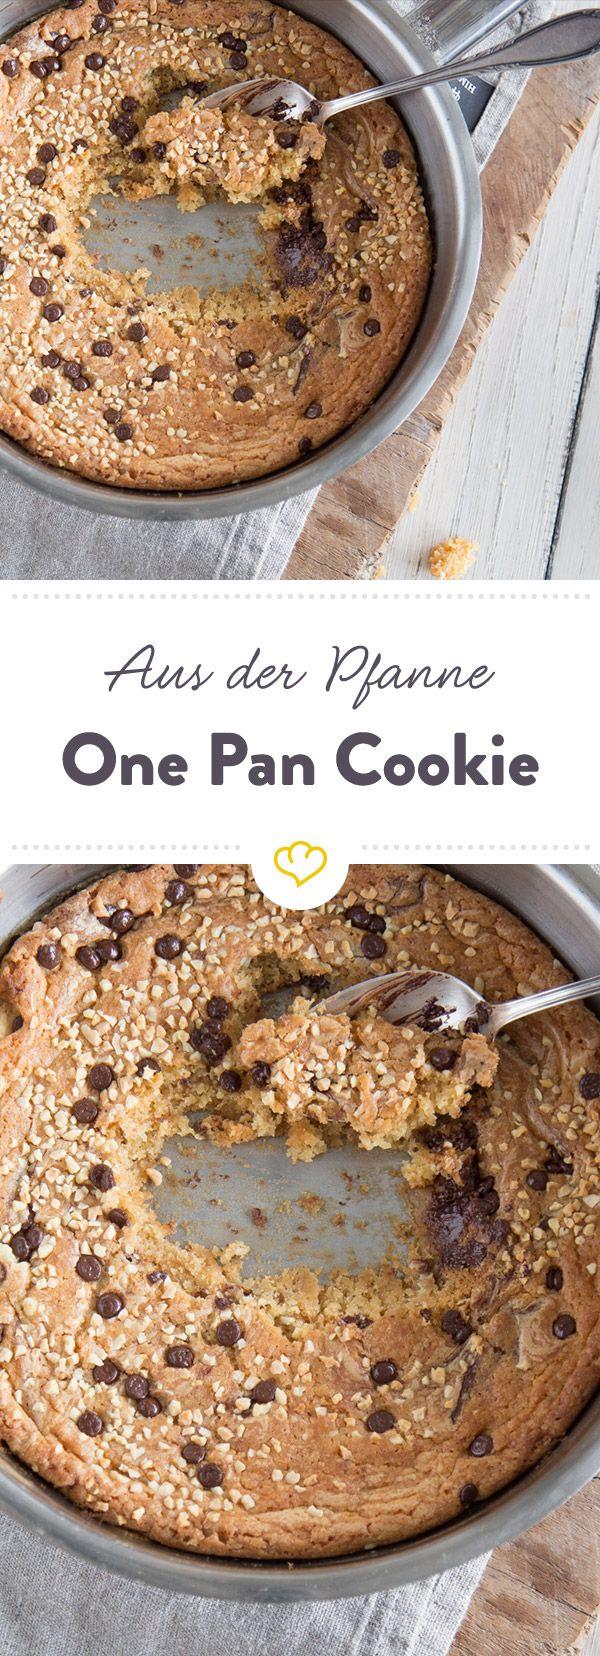 Eine knusprige Hülle, ein weicher Kern und dazu eine Kugel Eis - Soulfood vom Allerfeinsten. Das Beste: Dieser Riesencookie wird direkt in der Pfanne zubereitet.